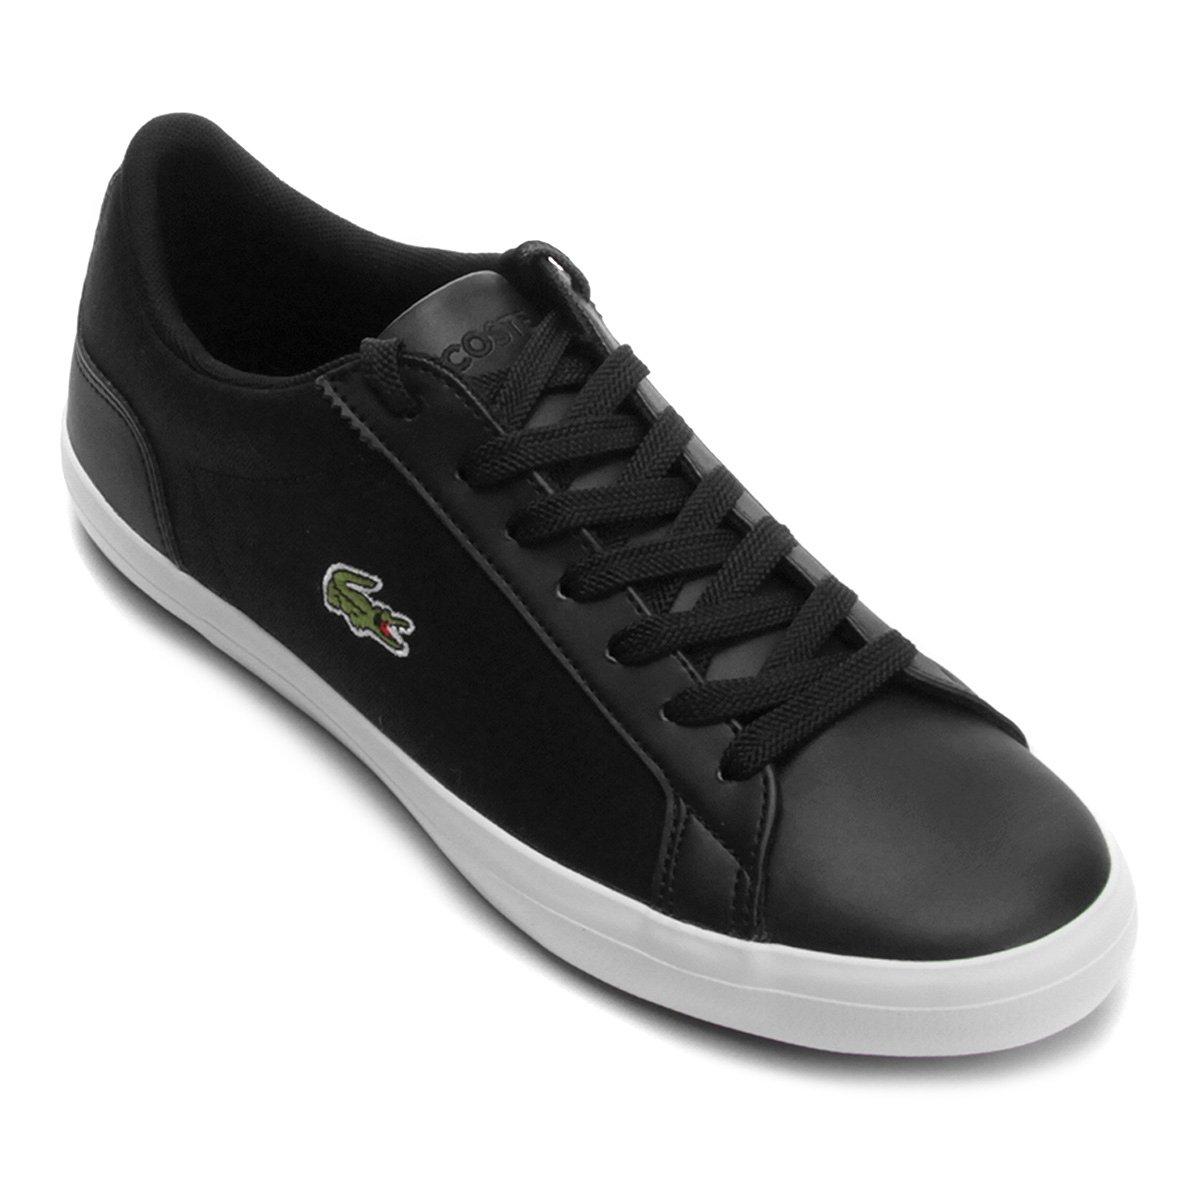 Tênis Lacoste Lerond 316 Masculino - Preto - Compre Agora   Netshoes 0f3ae6e223